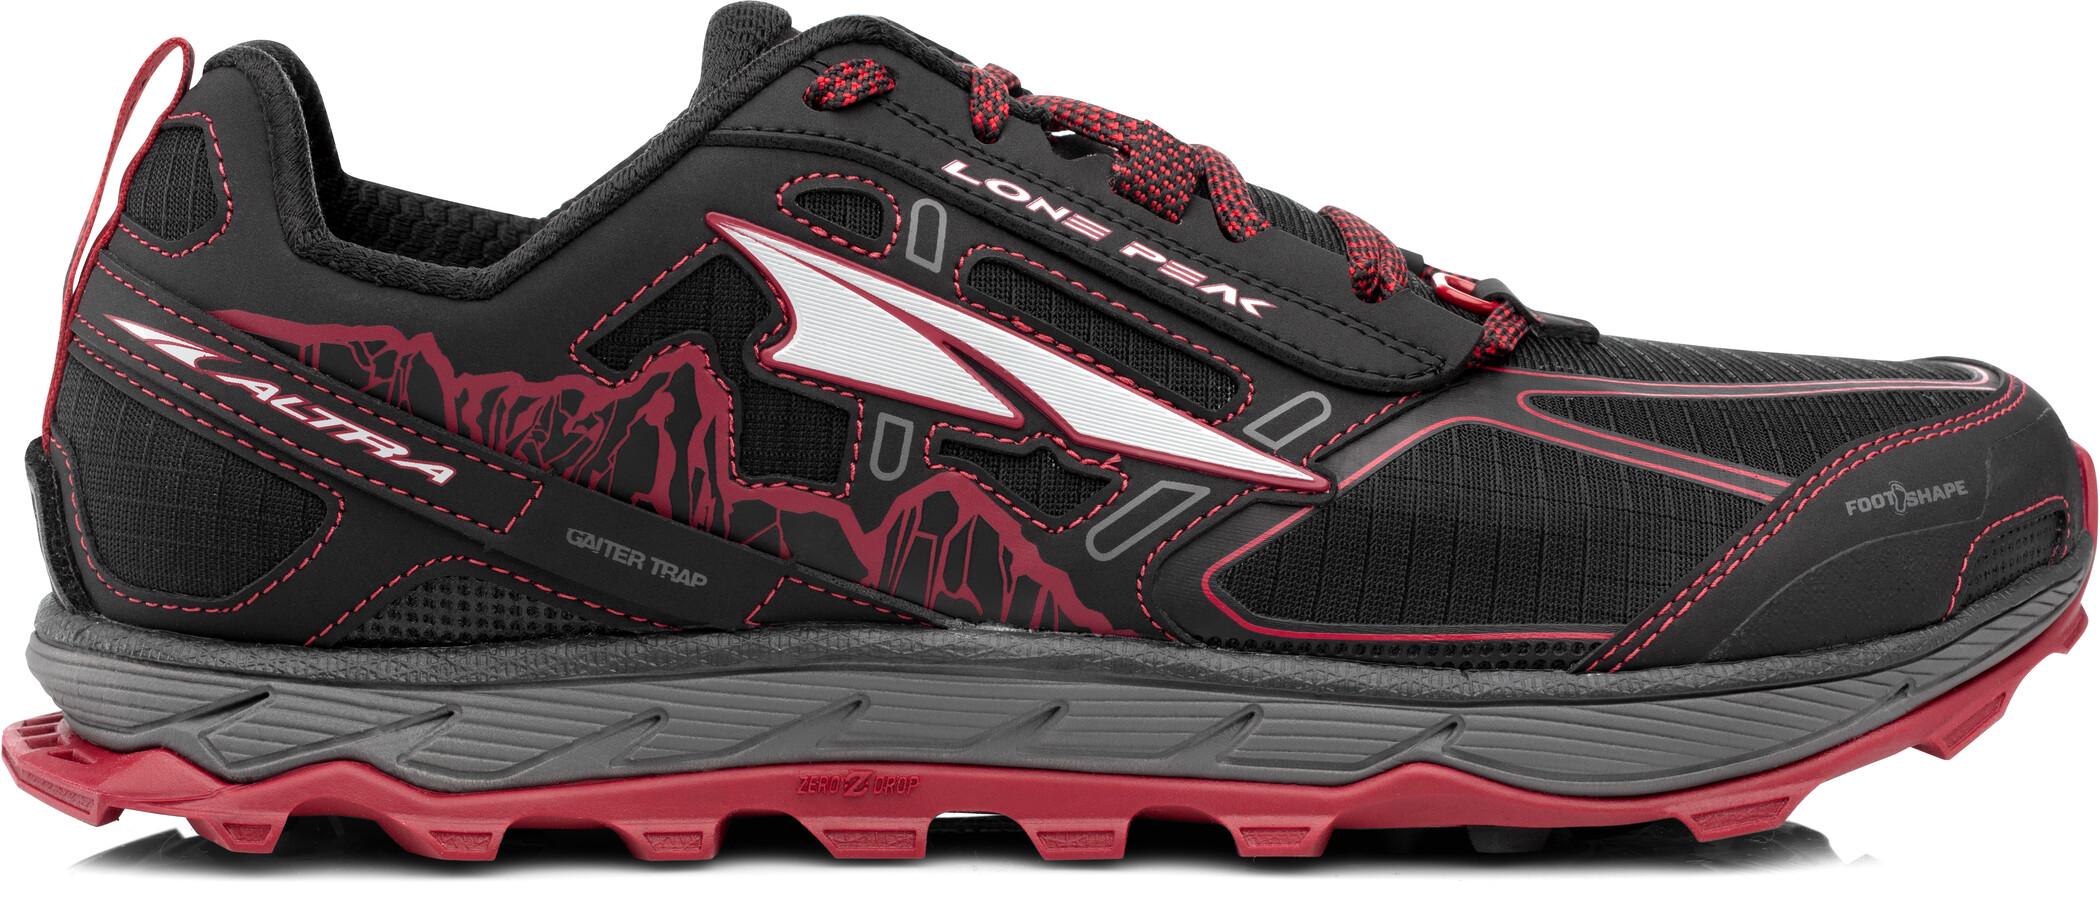 Altra Lone Peak 4 Løbesko Herrer, black/red (2019) | Running shoes